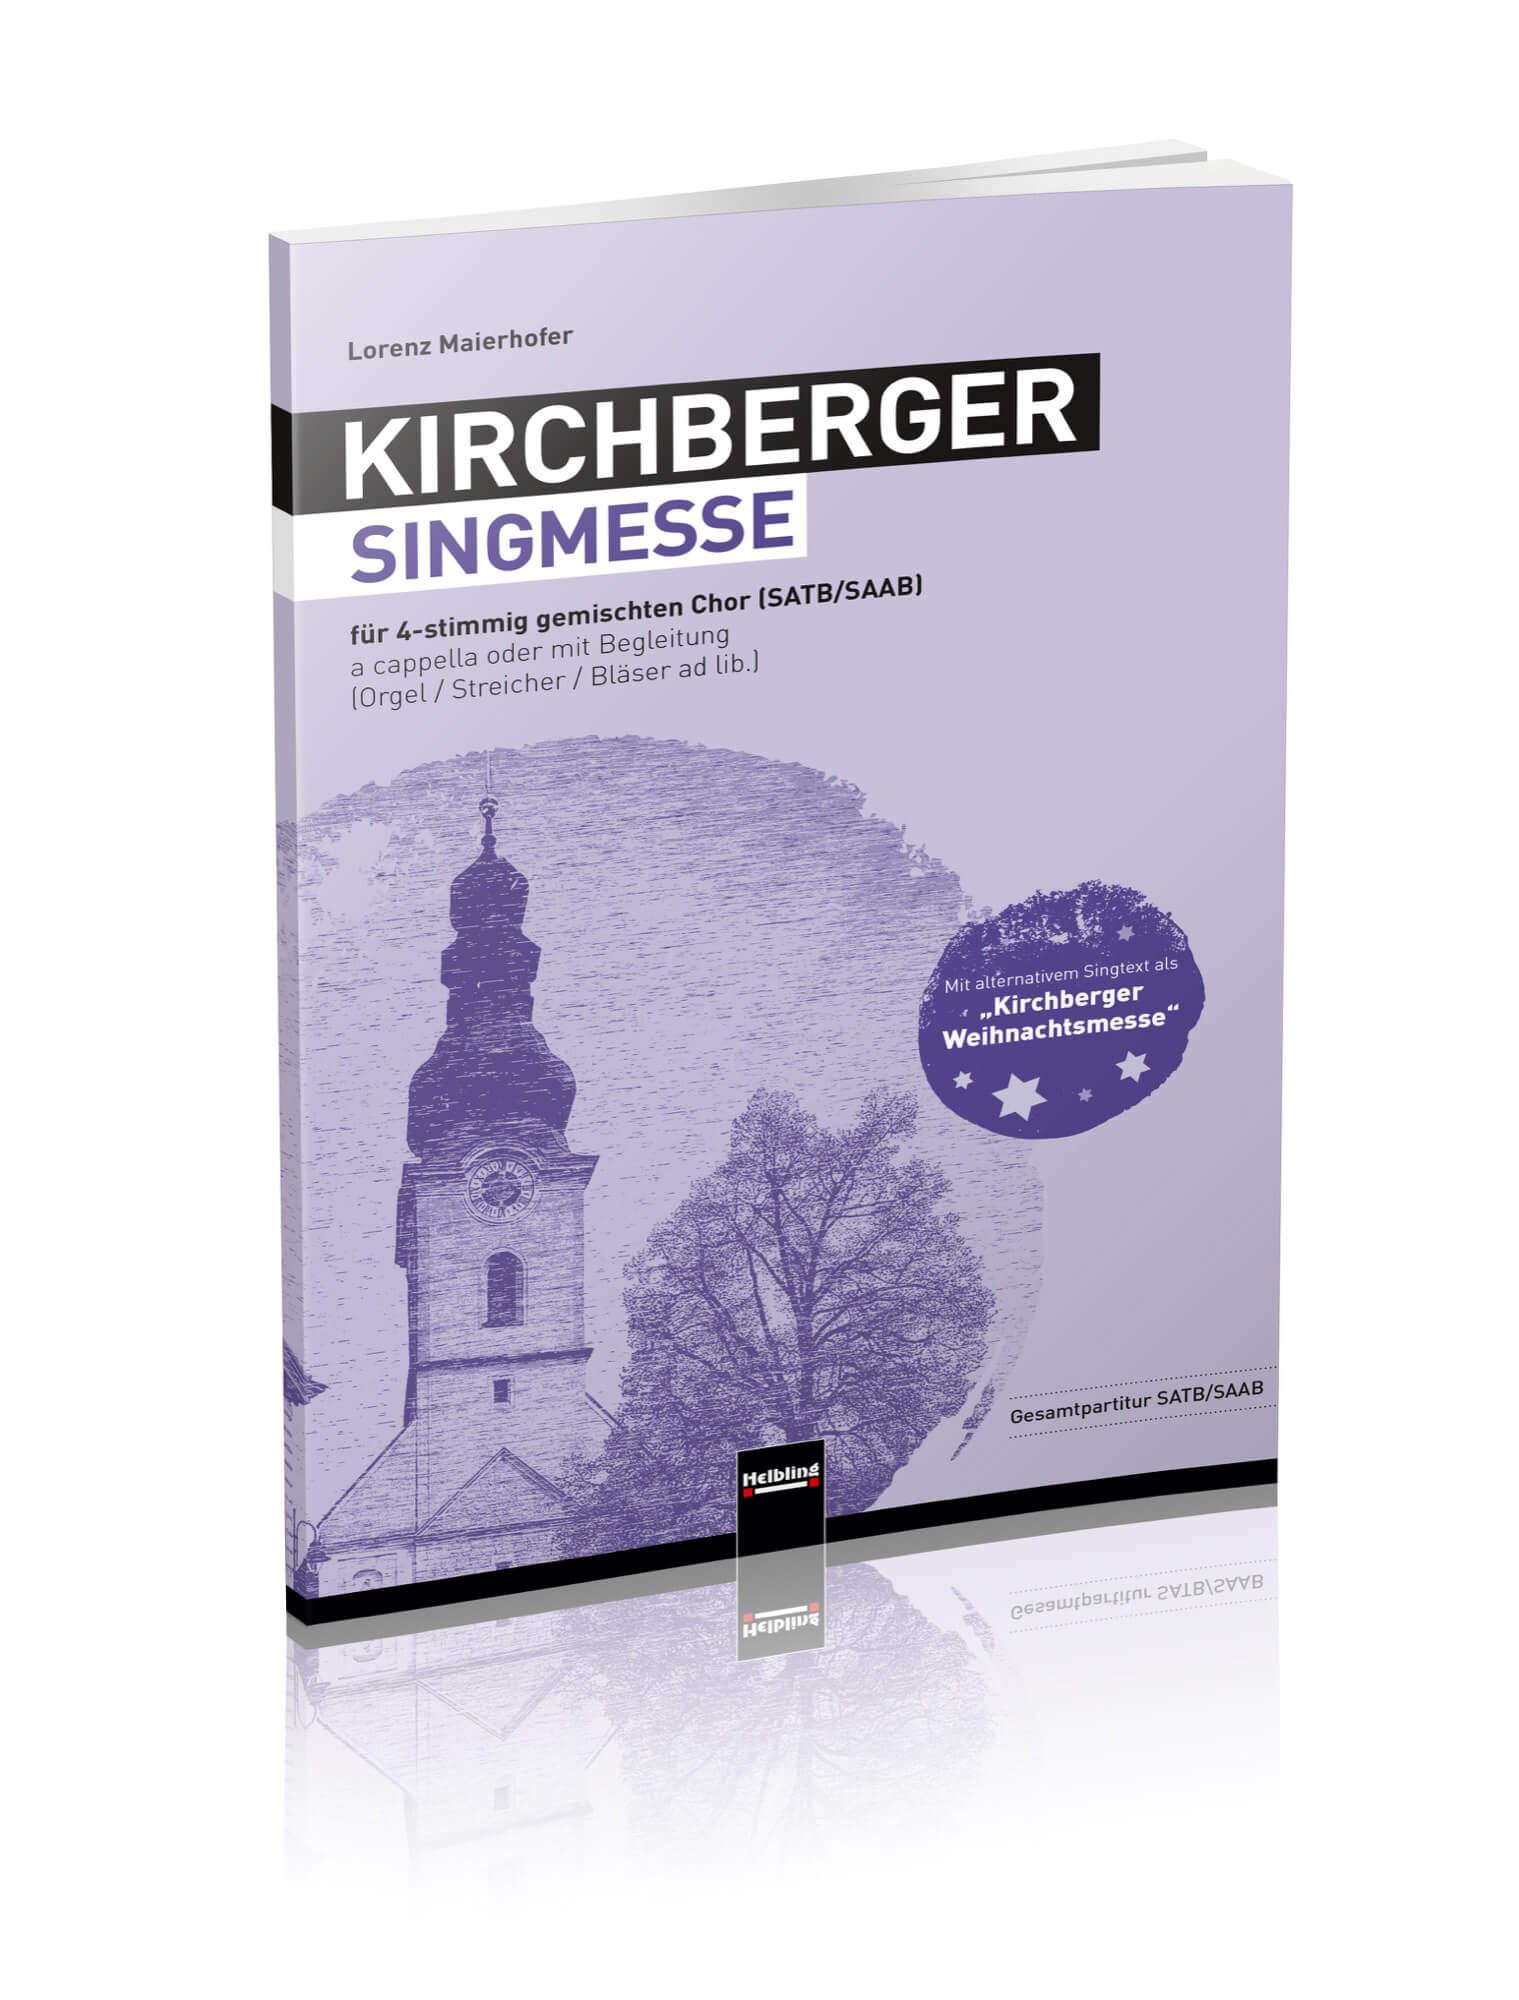 ▸ KIRCHBERGER SINGMESSE / KIRCHBERGER WEIHNACHTSMESSE